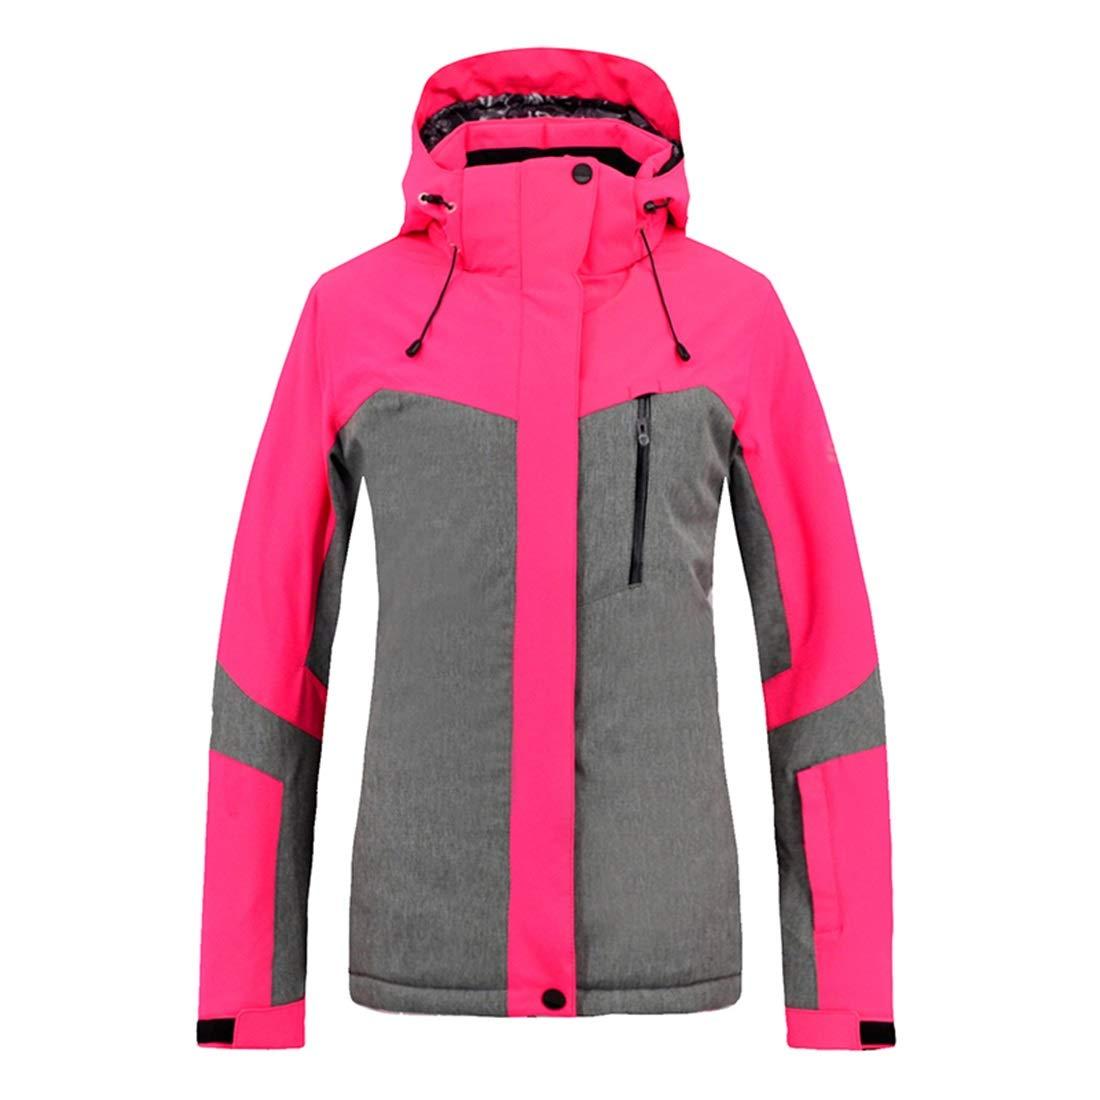 YXDIANZI 女性ジャケット冬の女の子コート屋外スポーツドレススキージャケットプラスサイズピンク(S-XXL) (色 : ピンク, サイズ : XL) ピンク X-Large